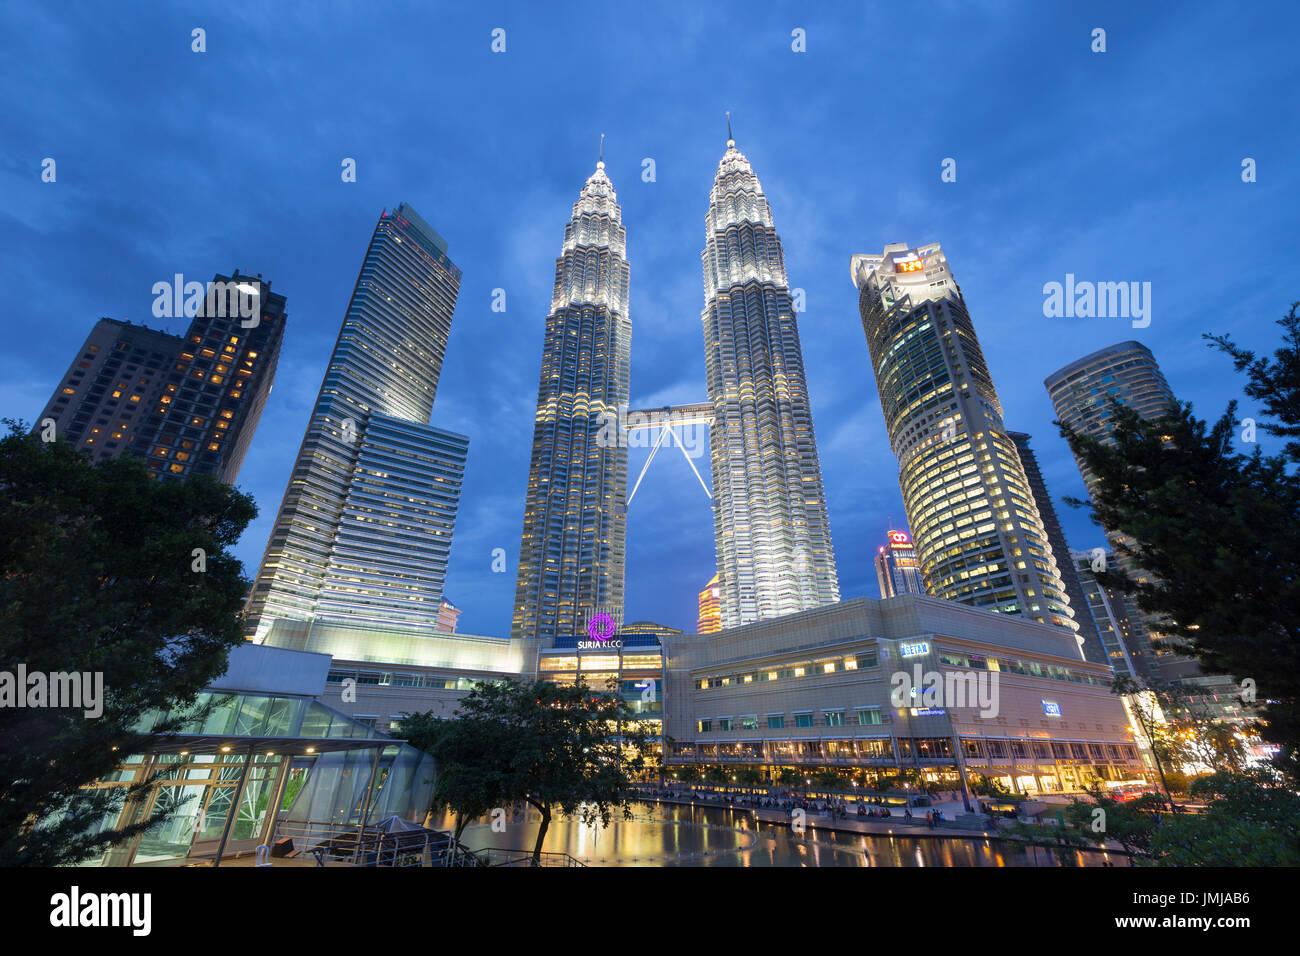 Les Tours Petronas au crépuscule, Kuala Lumpur, Malaisie Photo Stock